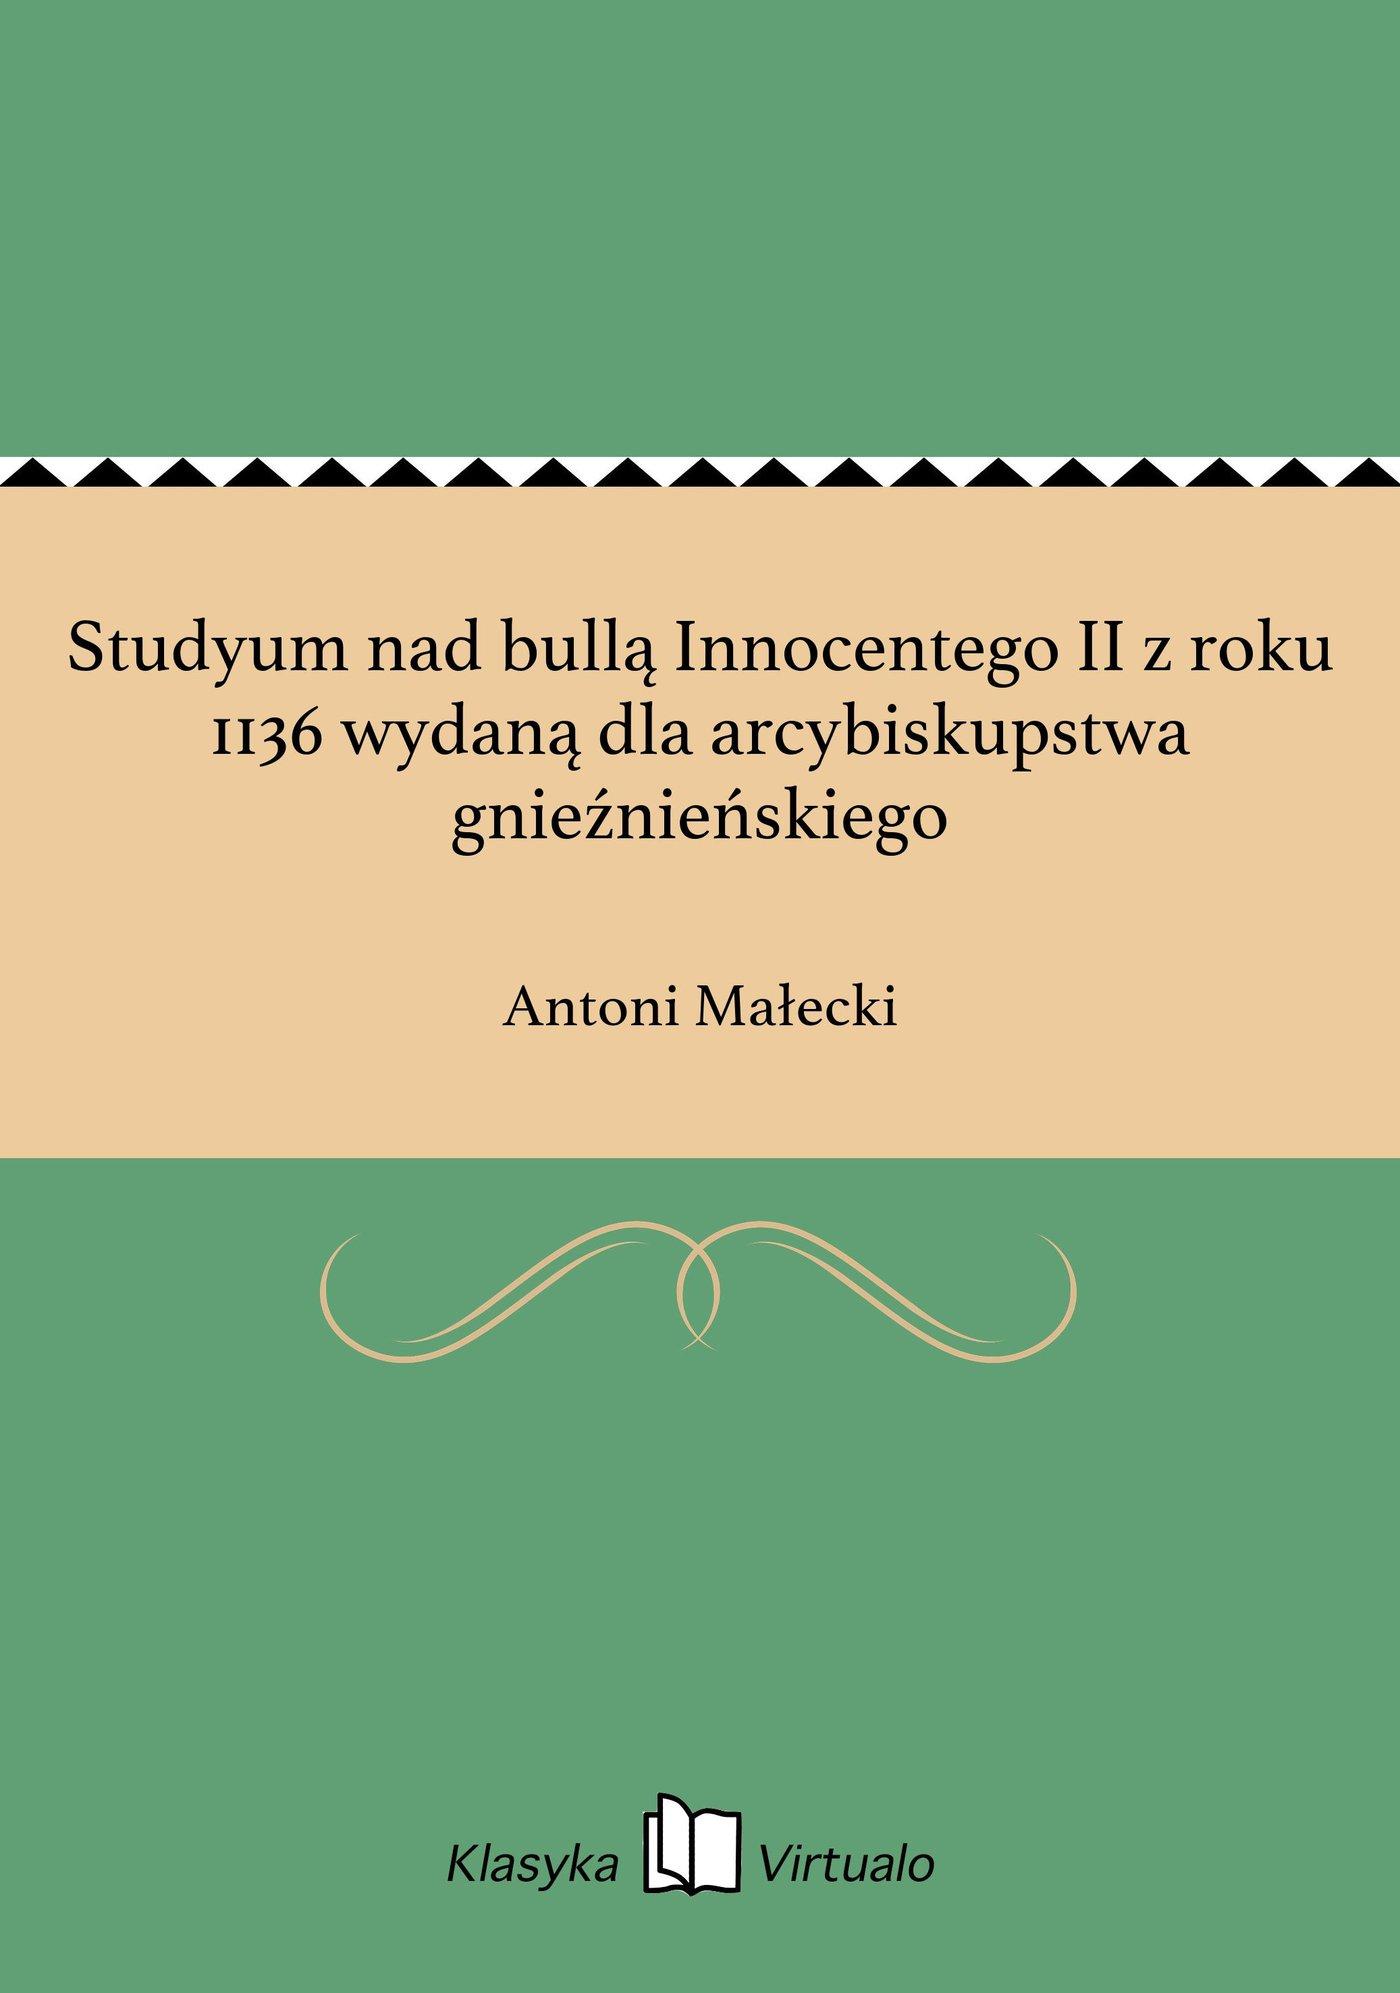 Studyum nad bullą Innocentego II z roku 1136 wydaną dla arcybiskupstwa gnieźnieńskiego - Ebook (Książka EPUB) do pobrania w formacie EPUB